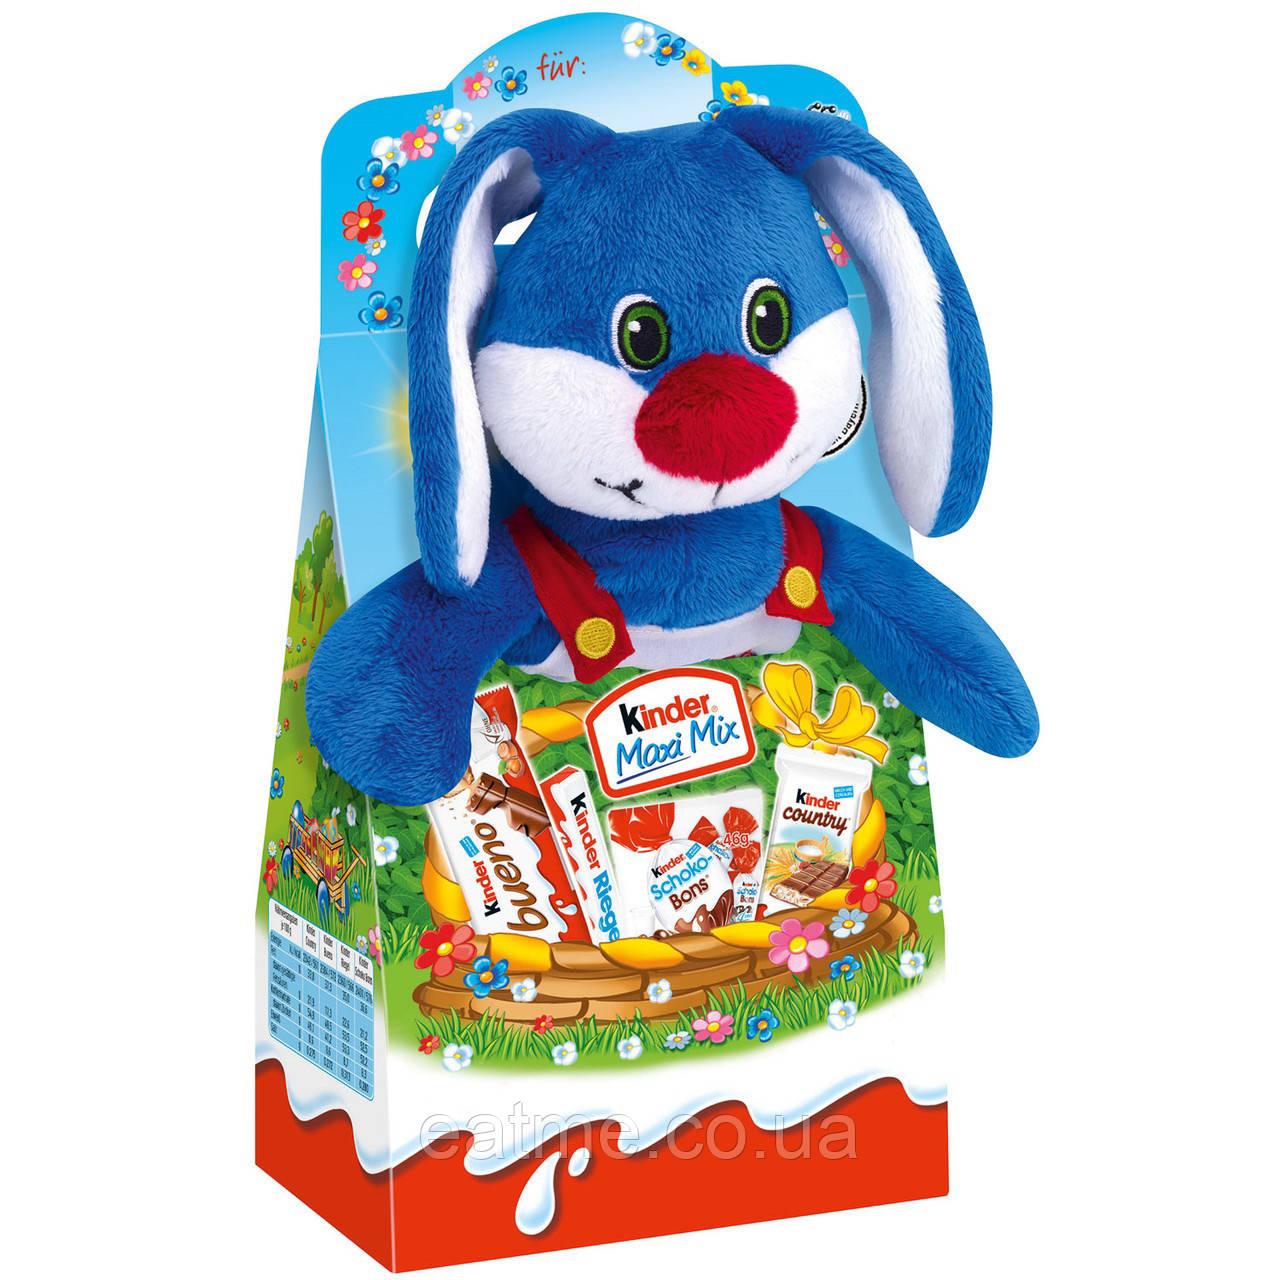 Kinder maxi mix Мягкая игрушка зайчик со сладостями